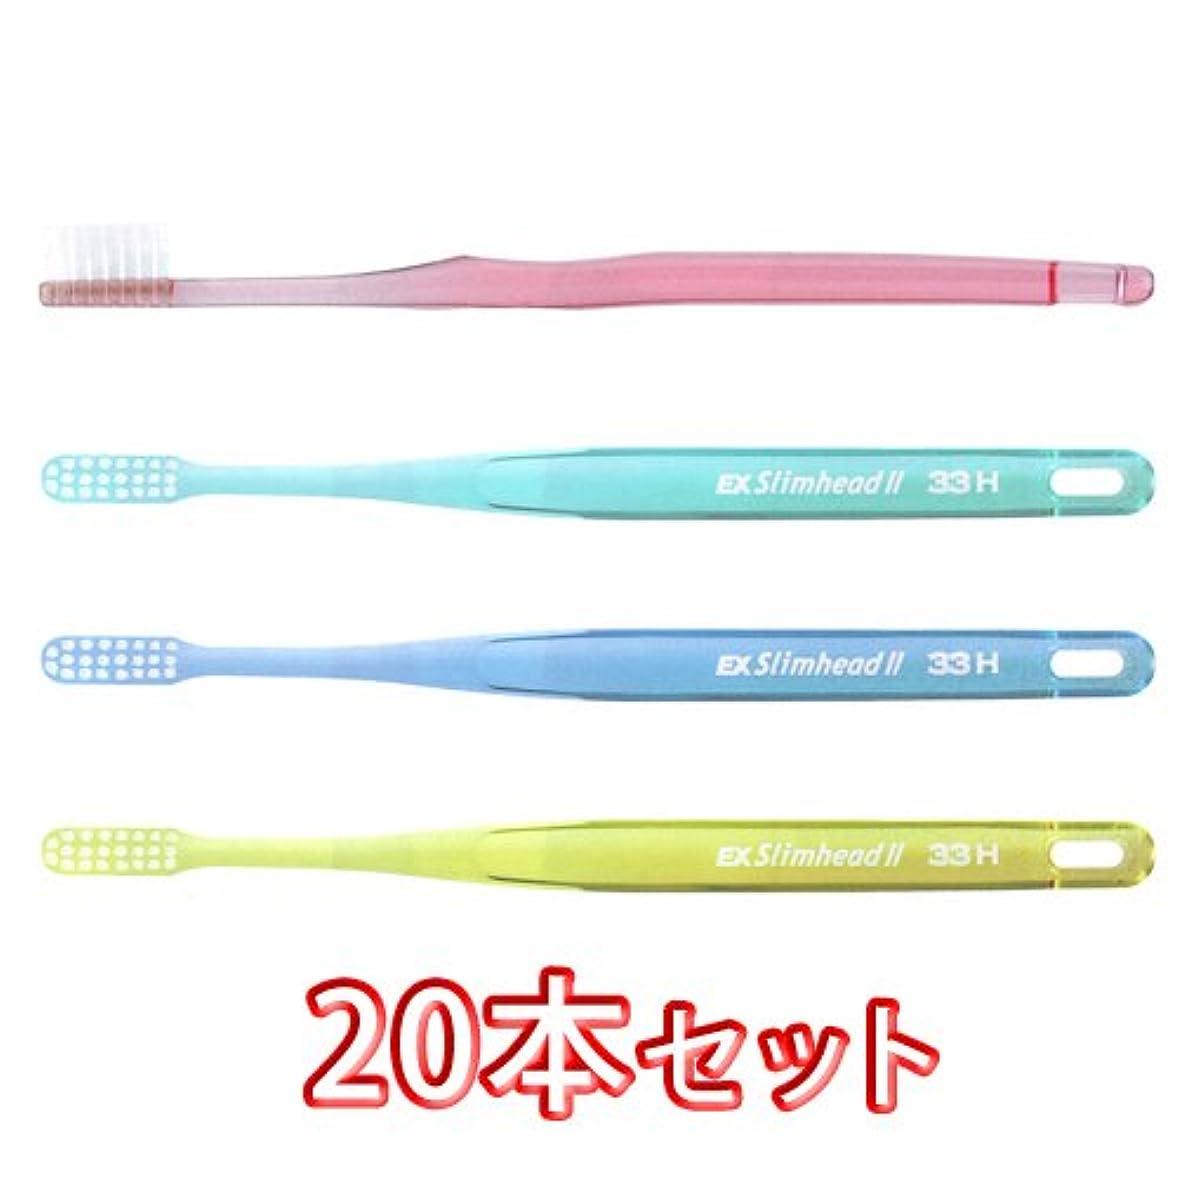 集める半球評価ライオン スリムヘッド2 歯ブラシ DENT . EX Slimhead2 20本入 (33H)